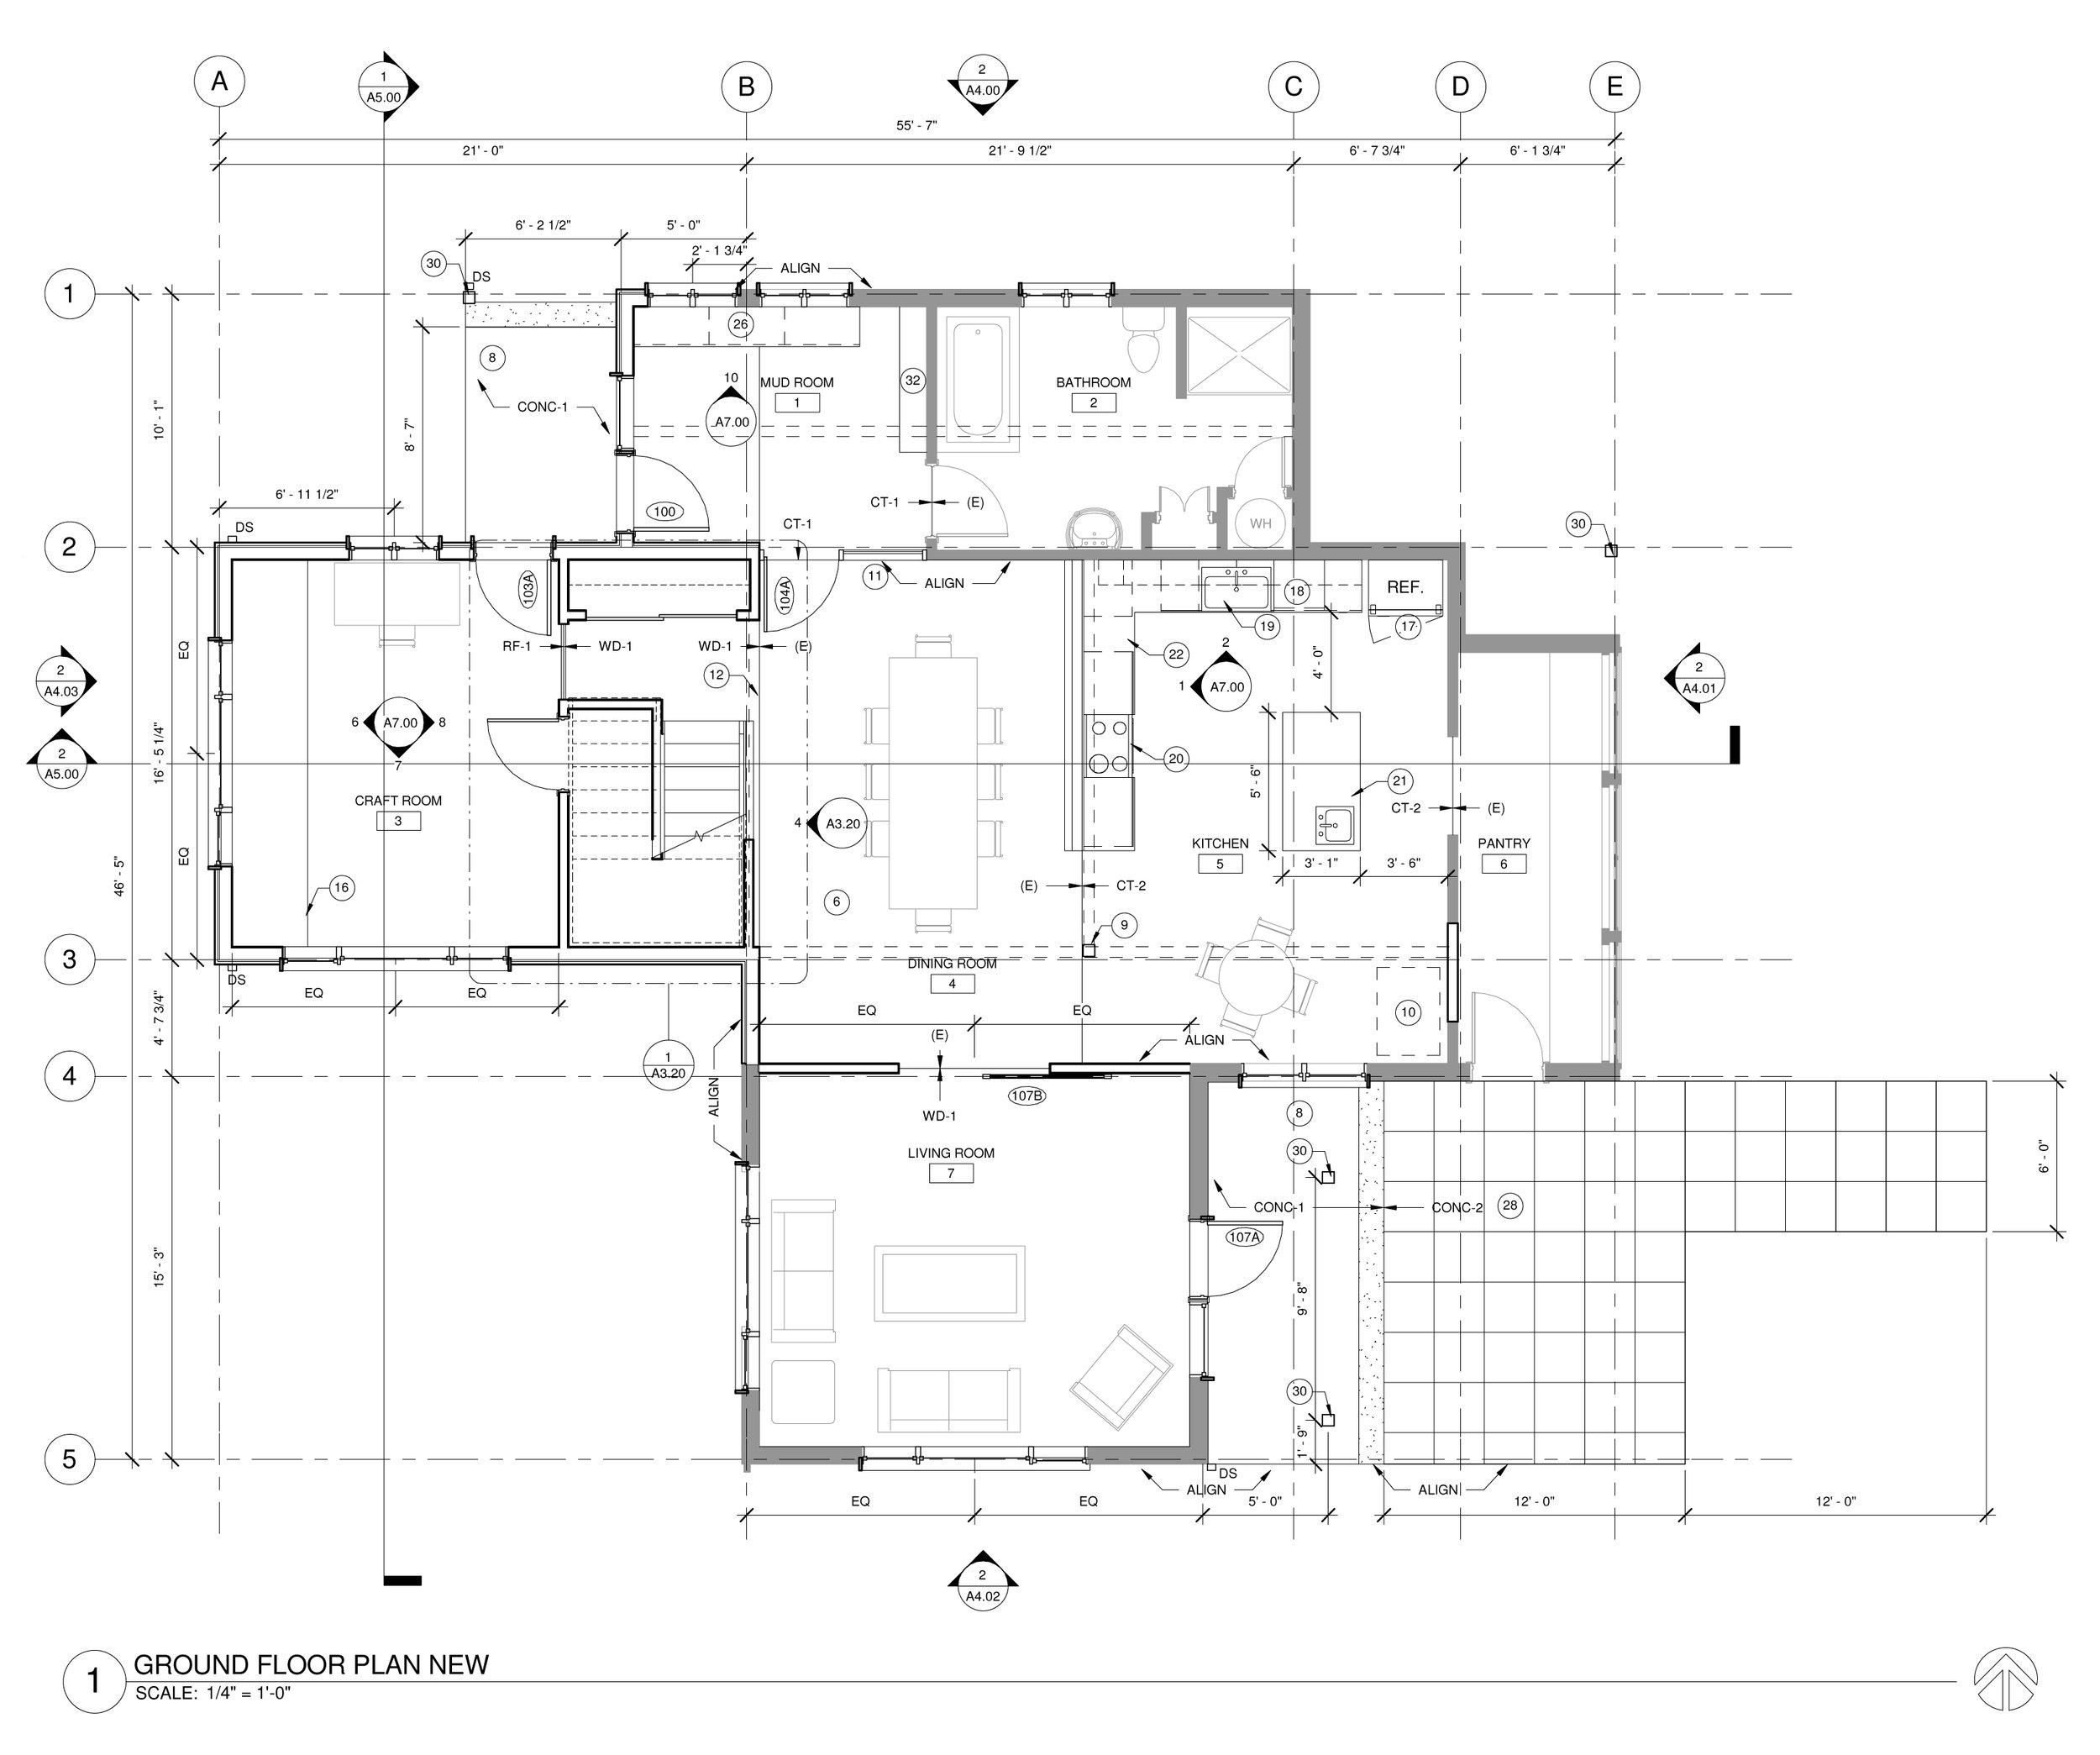 farmhouse drawings - ground floor new.jpg